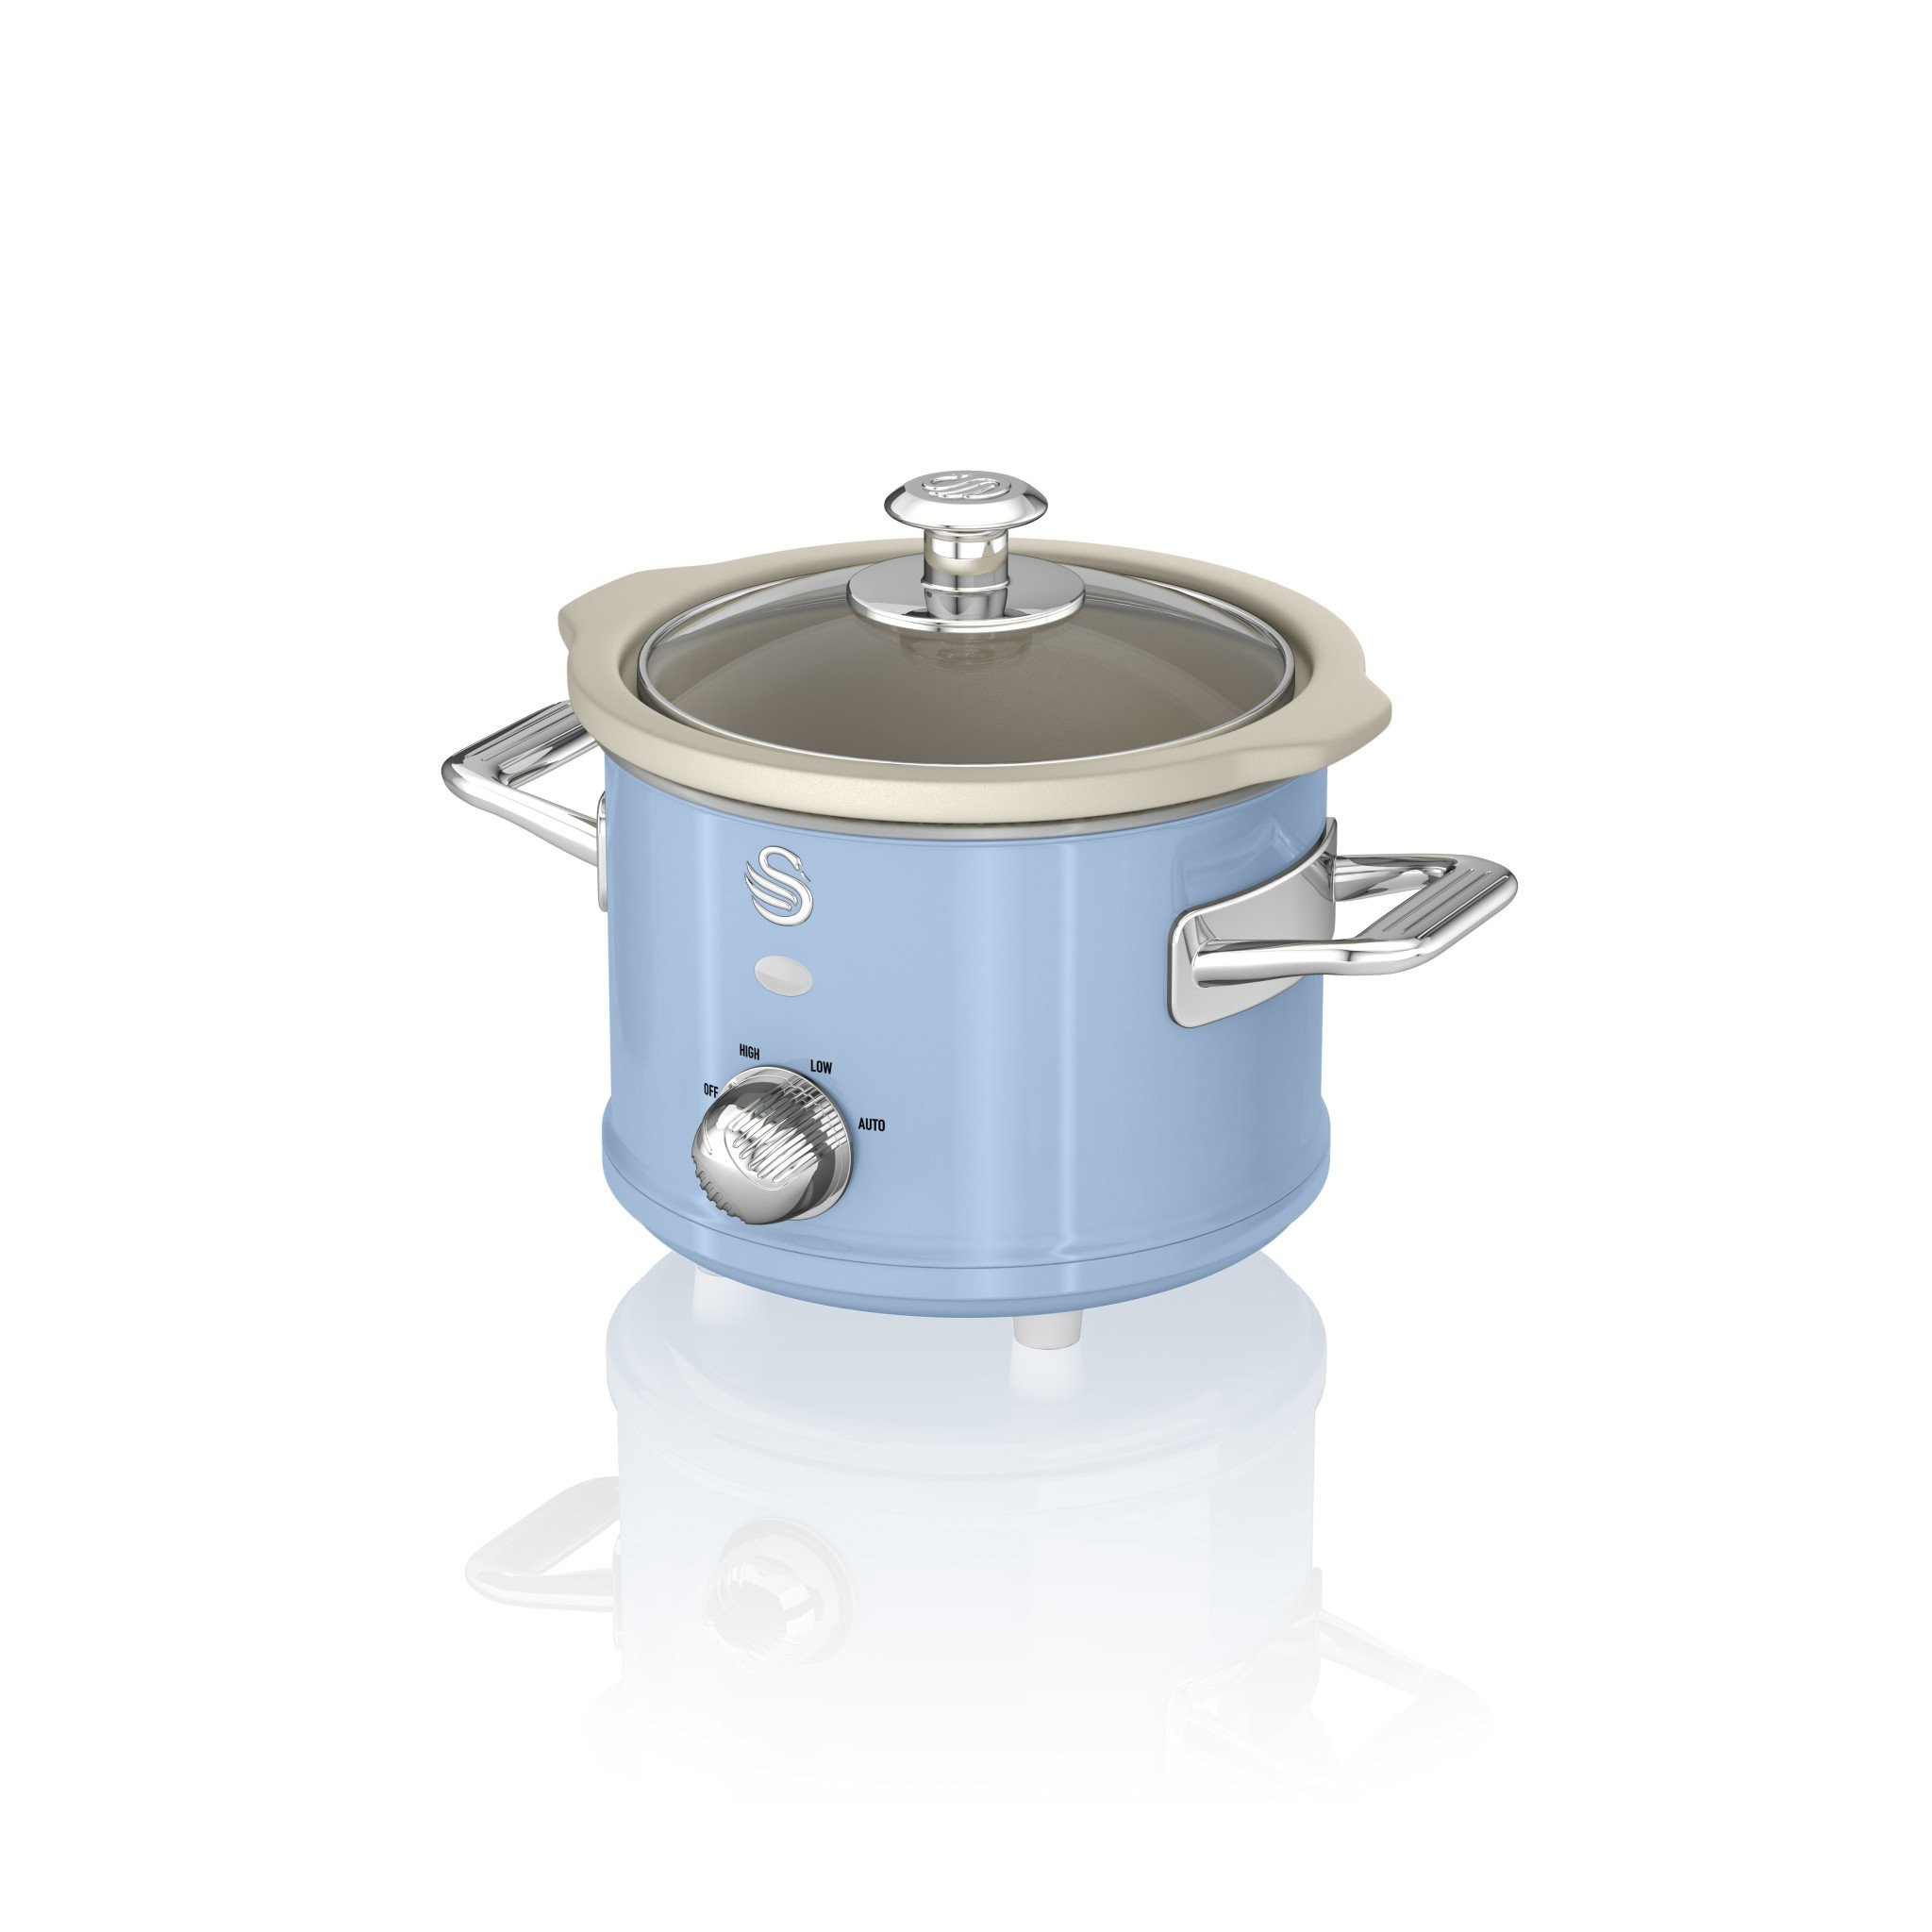 Swan SF17011BLN Retro Olla de cocción lenta 1,5 litros, recipiente extraible con antiadherente cerámica libre PFOA y PTFE, 3 niveles temperatura, tapa vidrio, Slow Cooker con diseño vintage Azul, 120W